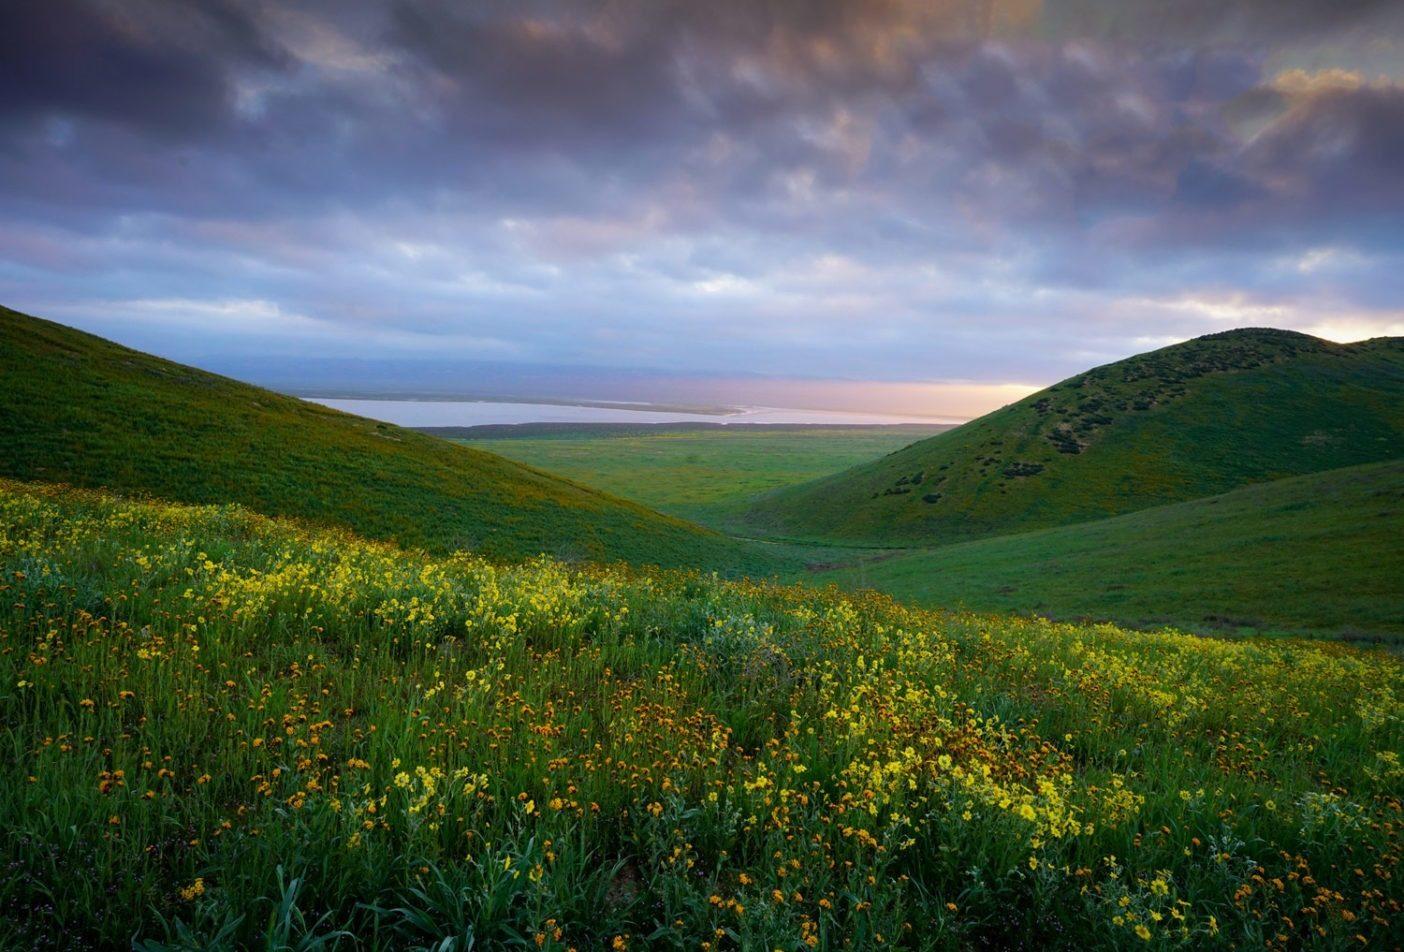 カリゾ平原国定記念物は壮大な野花の開花で知られ、いまもカリフォルニア州最大の自生の草原である。300年前、この地域は毎春、野花を食むアンテロープとヘラジカの放牧地だった。ロサンゼルスからわずか270キロの場所に位置するこの地域は、訪問者に多岐にわたる野生生物と植物種の経験を提供し、その多くが絶滅が脅かされるか危機に瀕している。Photo: Zeiss4Me